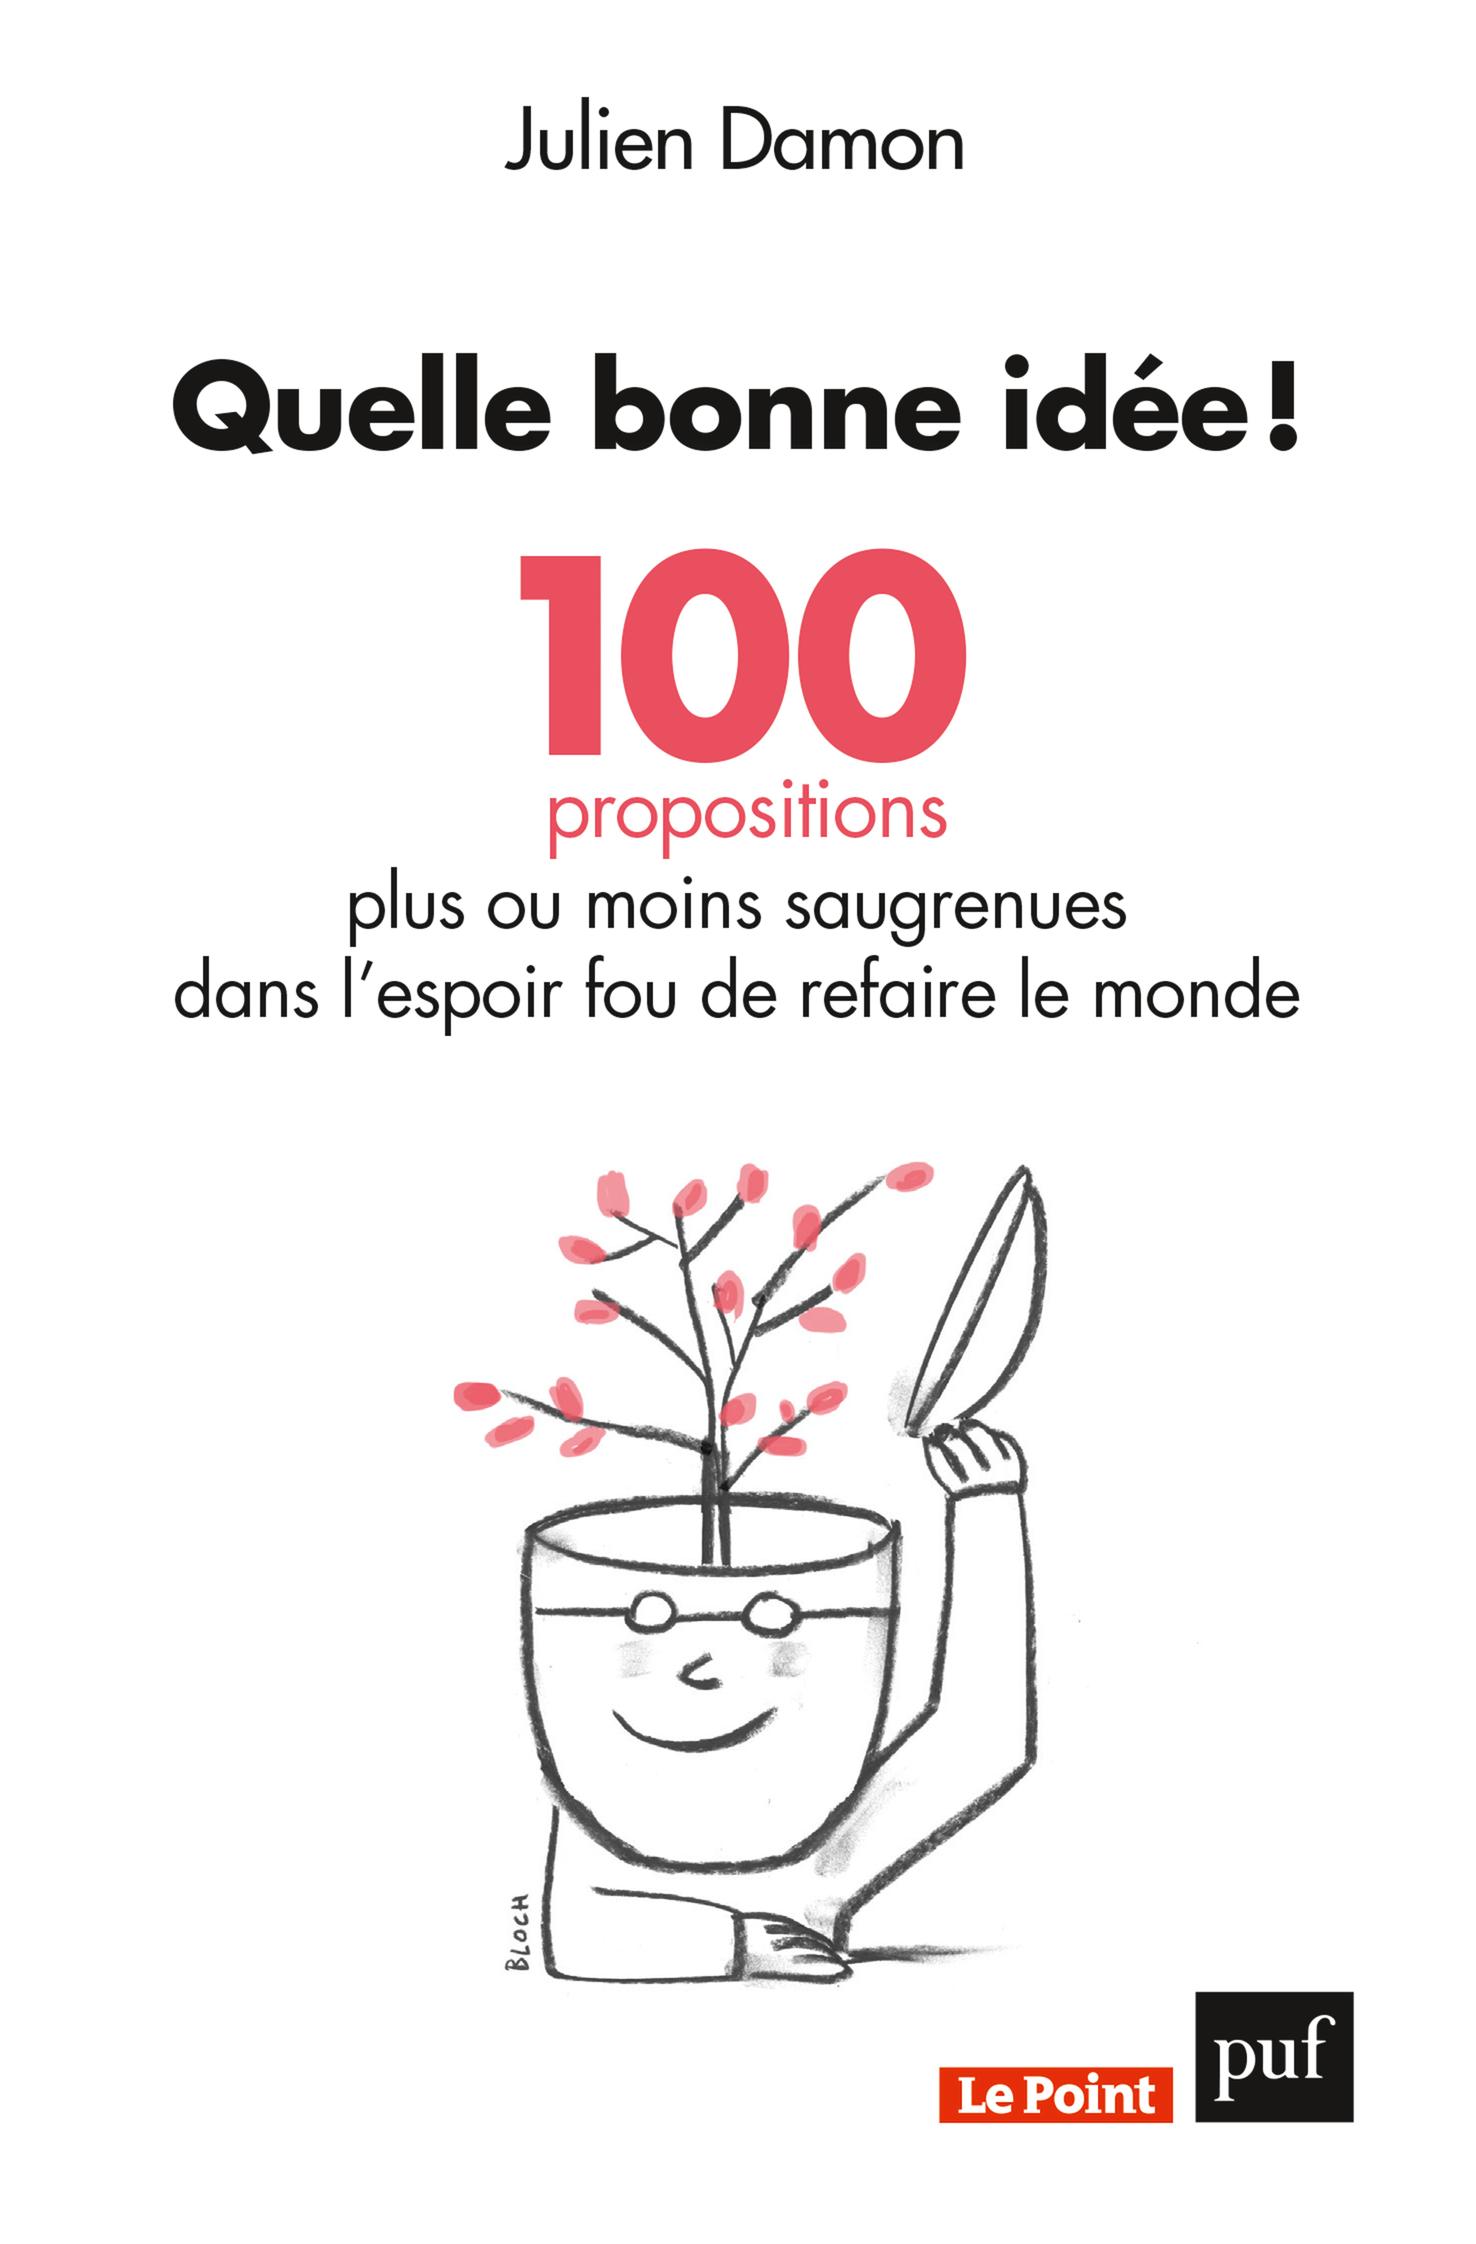 QUELLE BONNE IDEE ! 100 PROPOSITIONS PLUS OU MOINS SAUGRENUES